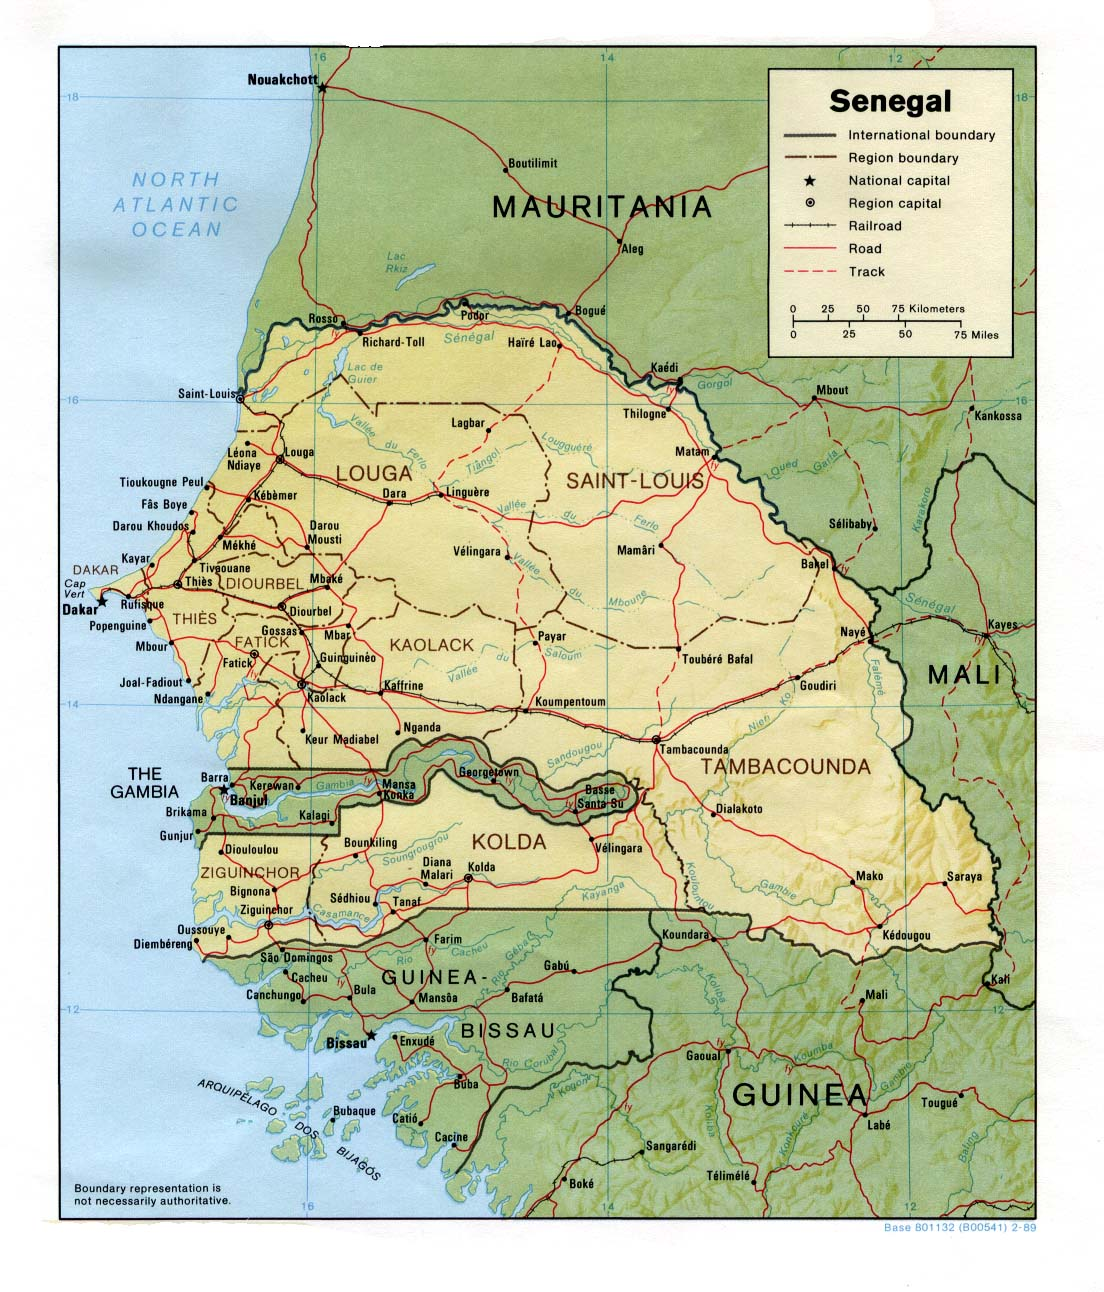 Carte géopolitique du Sénégal